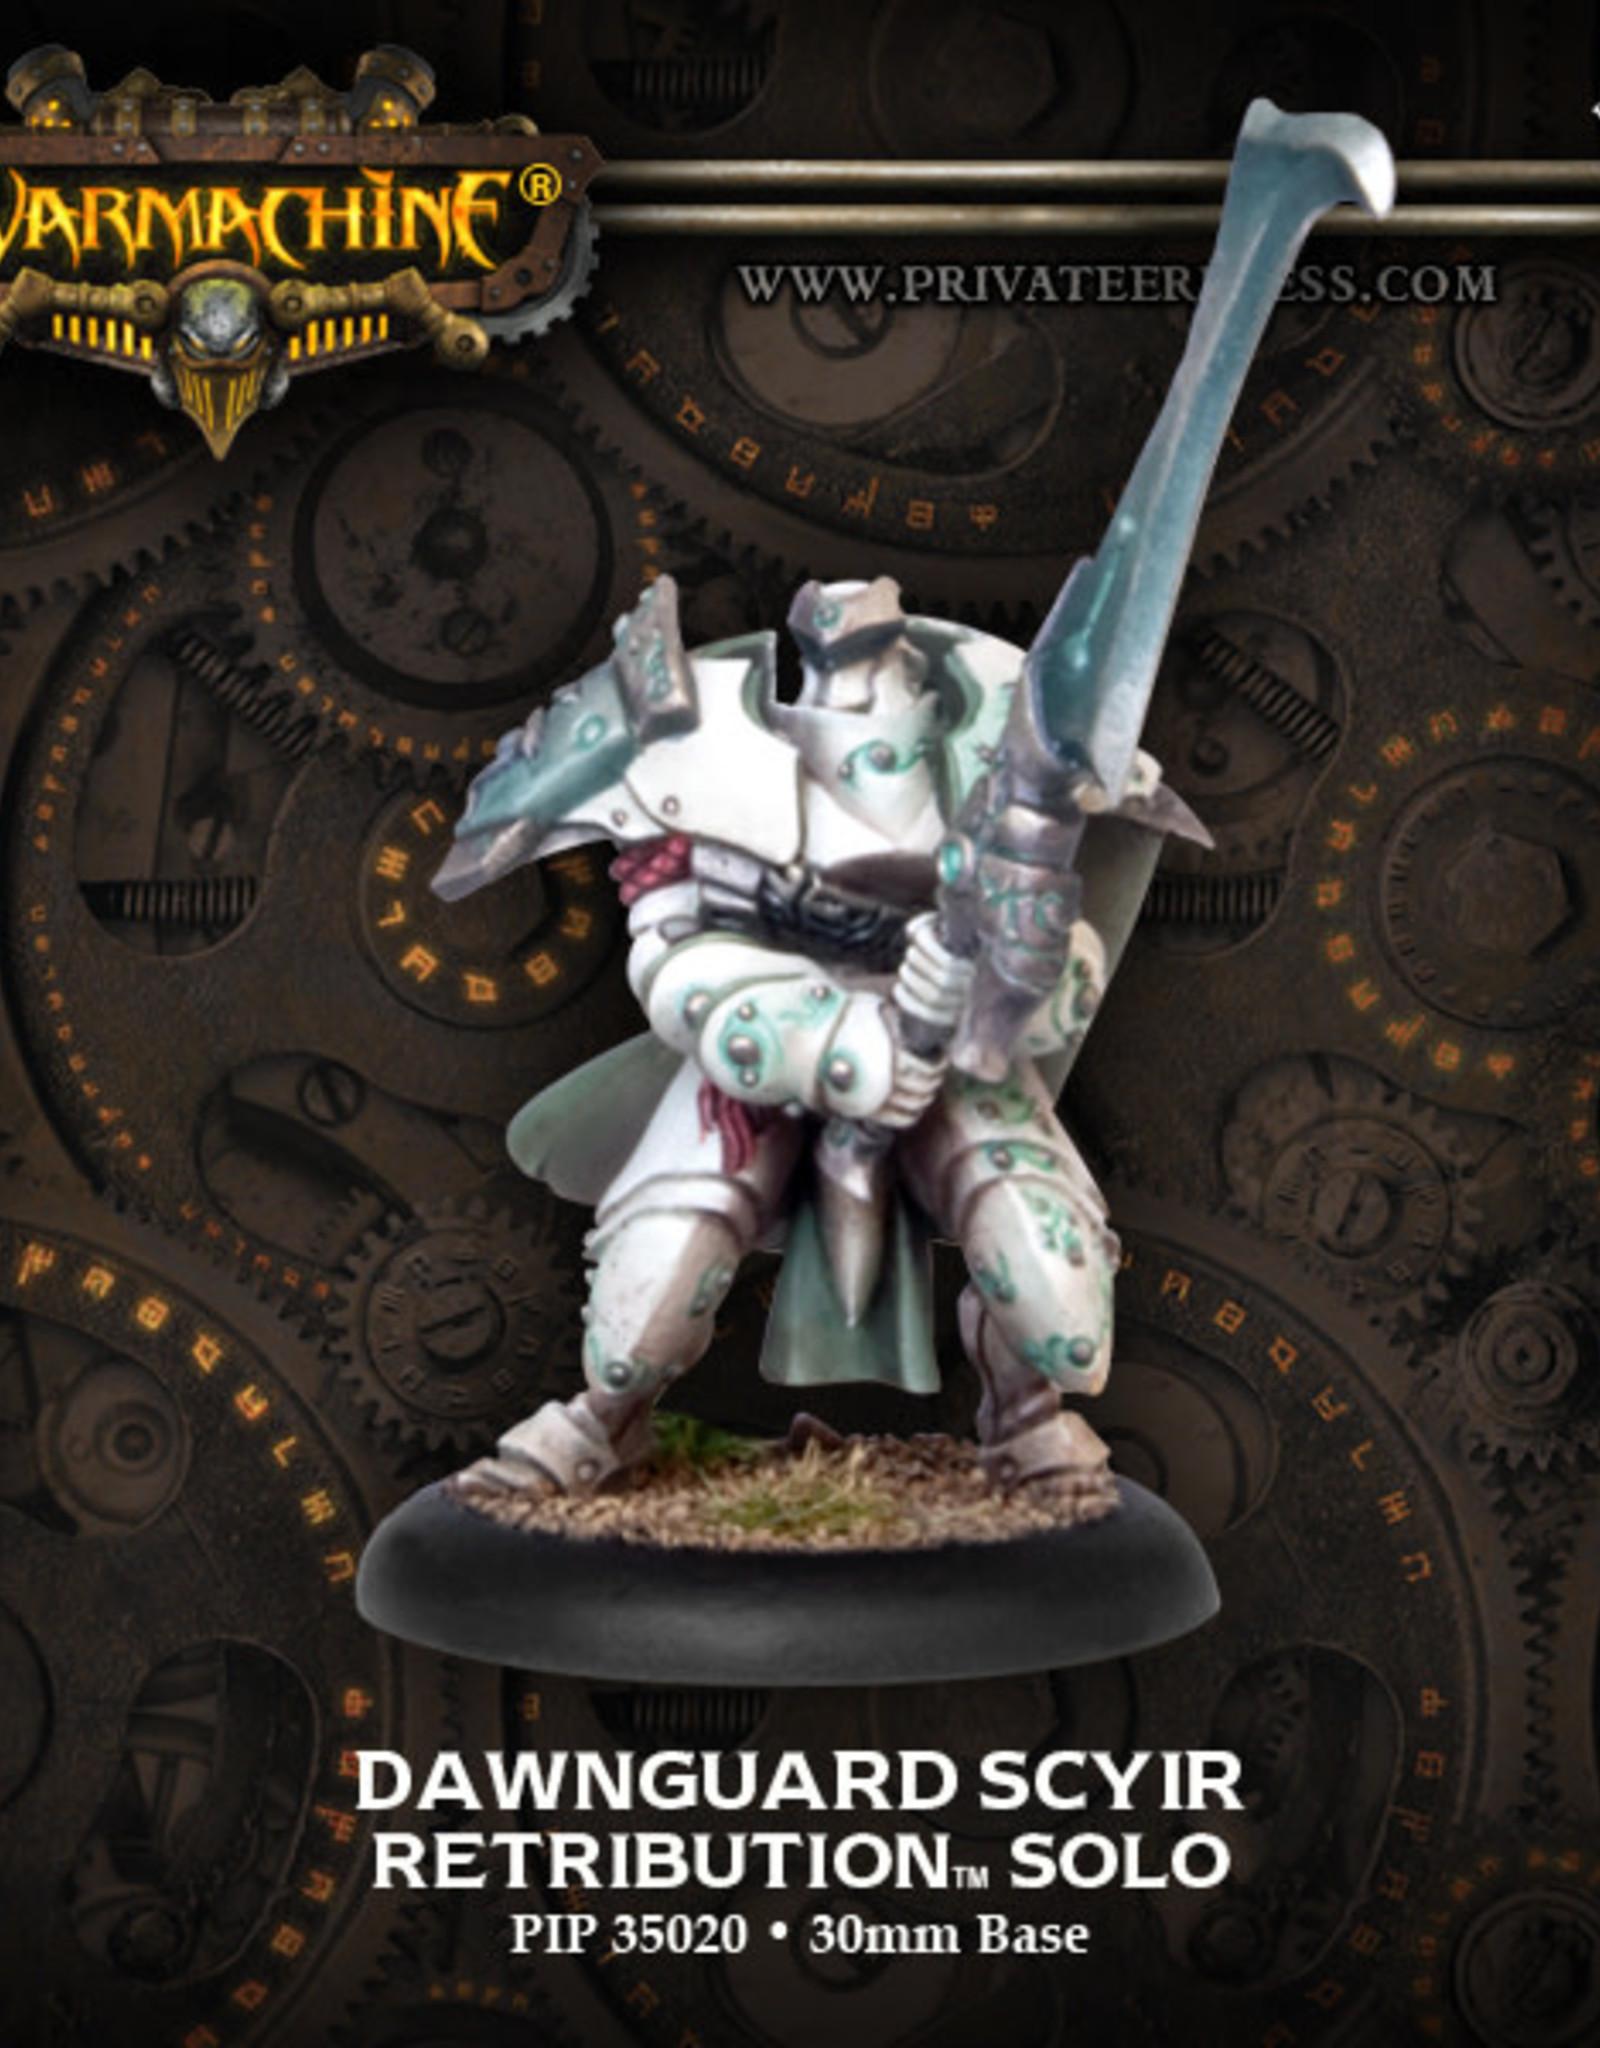 Warmachine Scyrah - Dawnguard Scyir